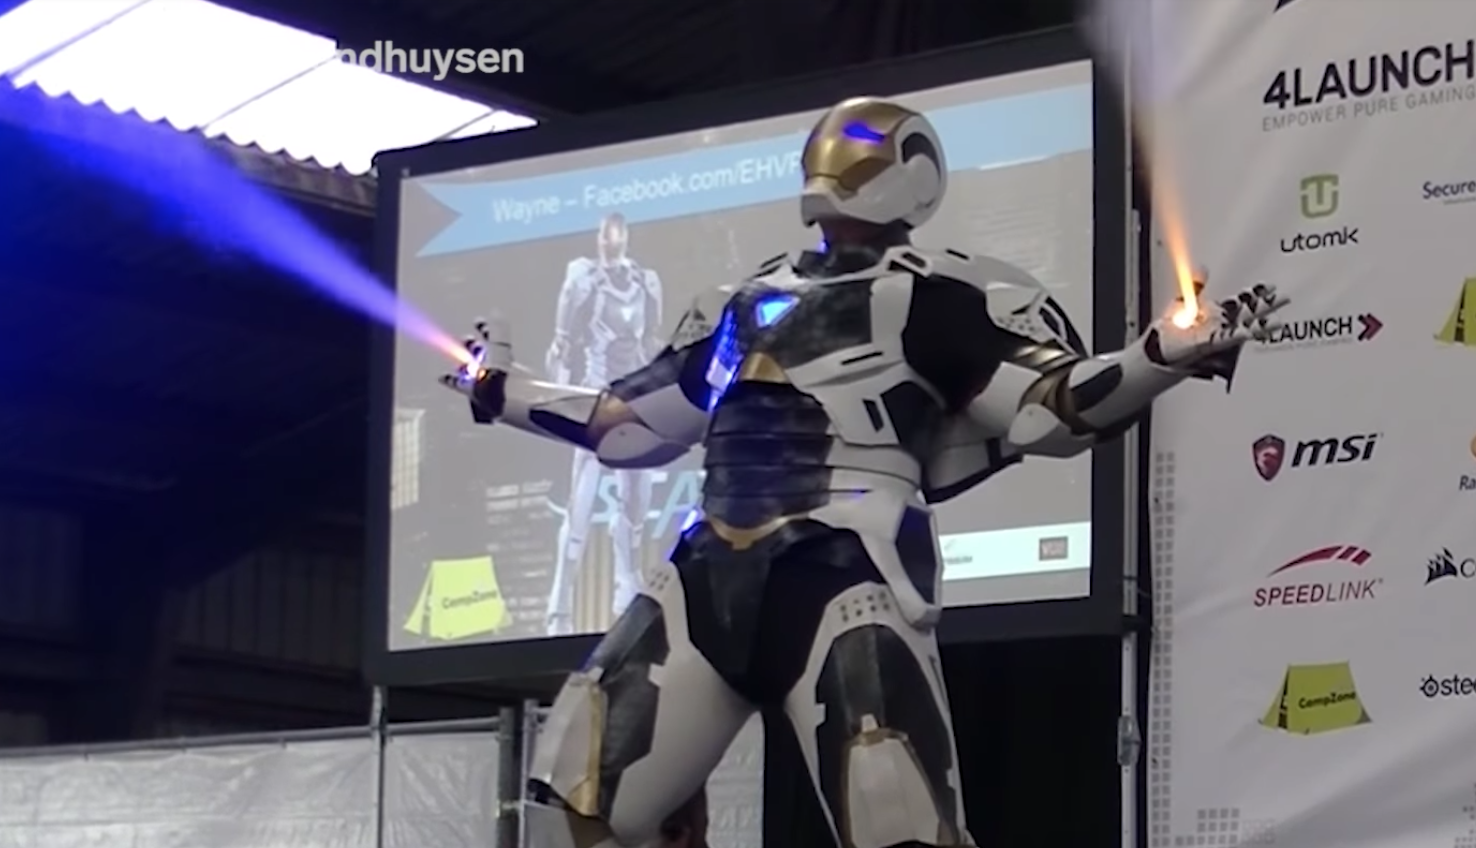 Fast wie echt: Iron-Man-Cosplay mit super Details